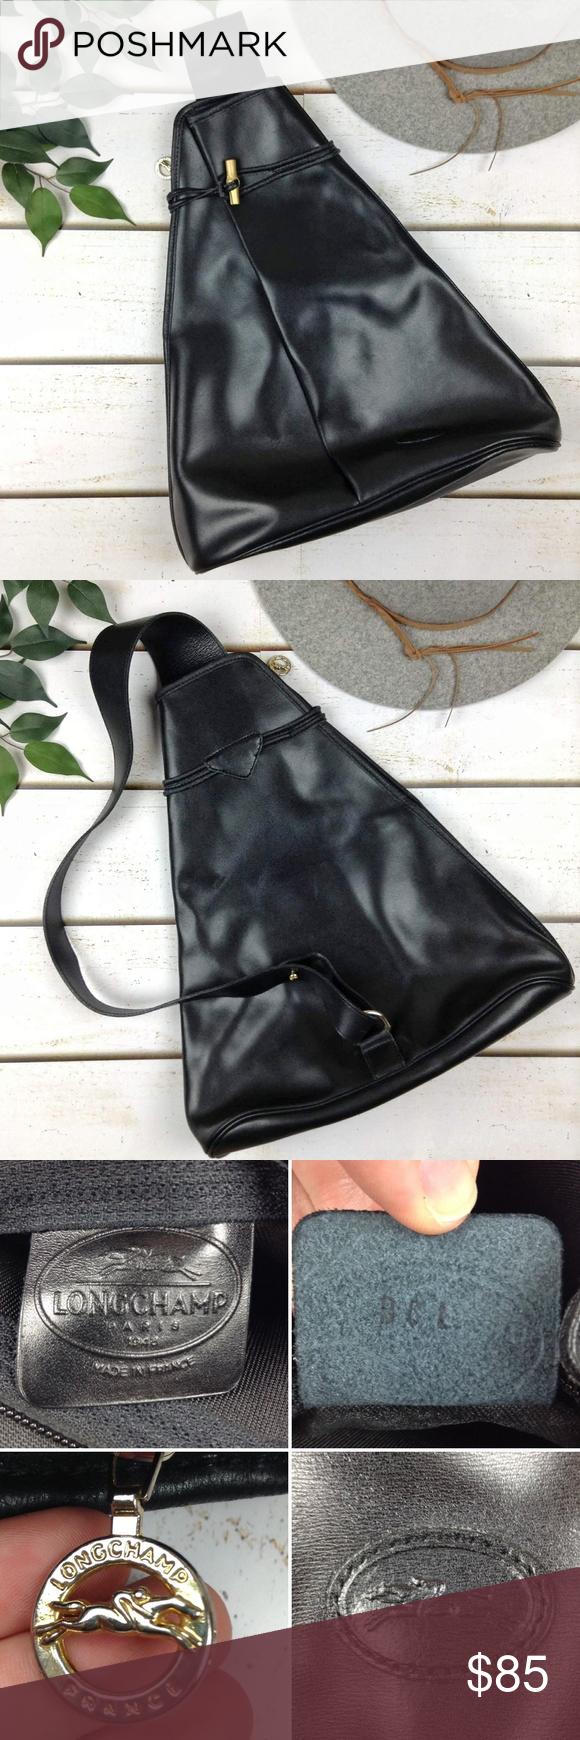 f51fd6637c6 Longchamp Vintage Roseau Leather Sling Backpack Vintage Longchamp Roseau  triangle one-strap sling black leather